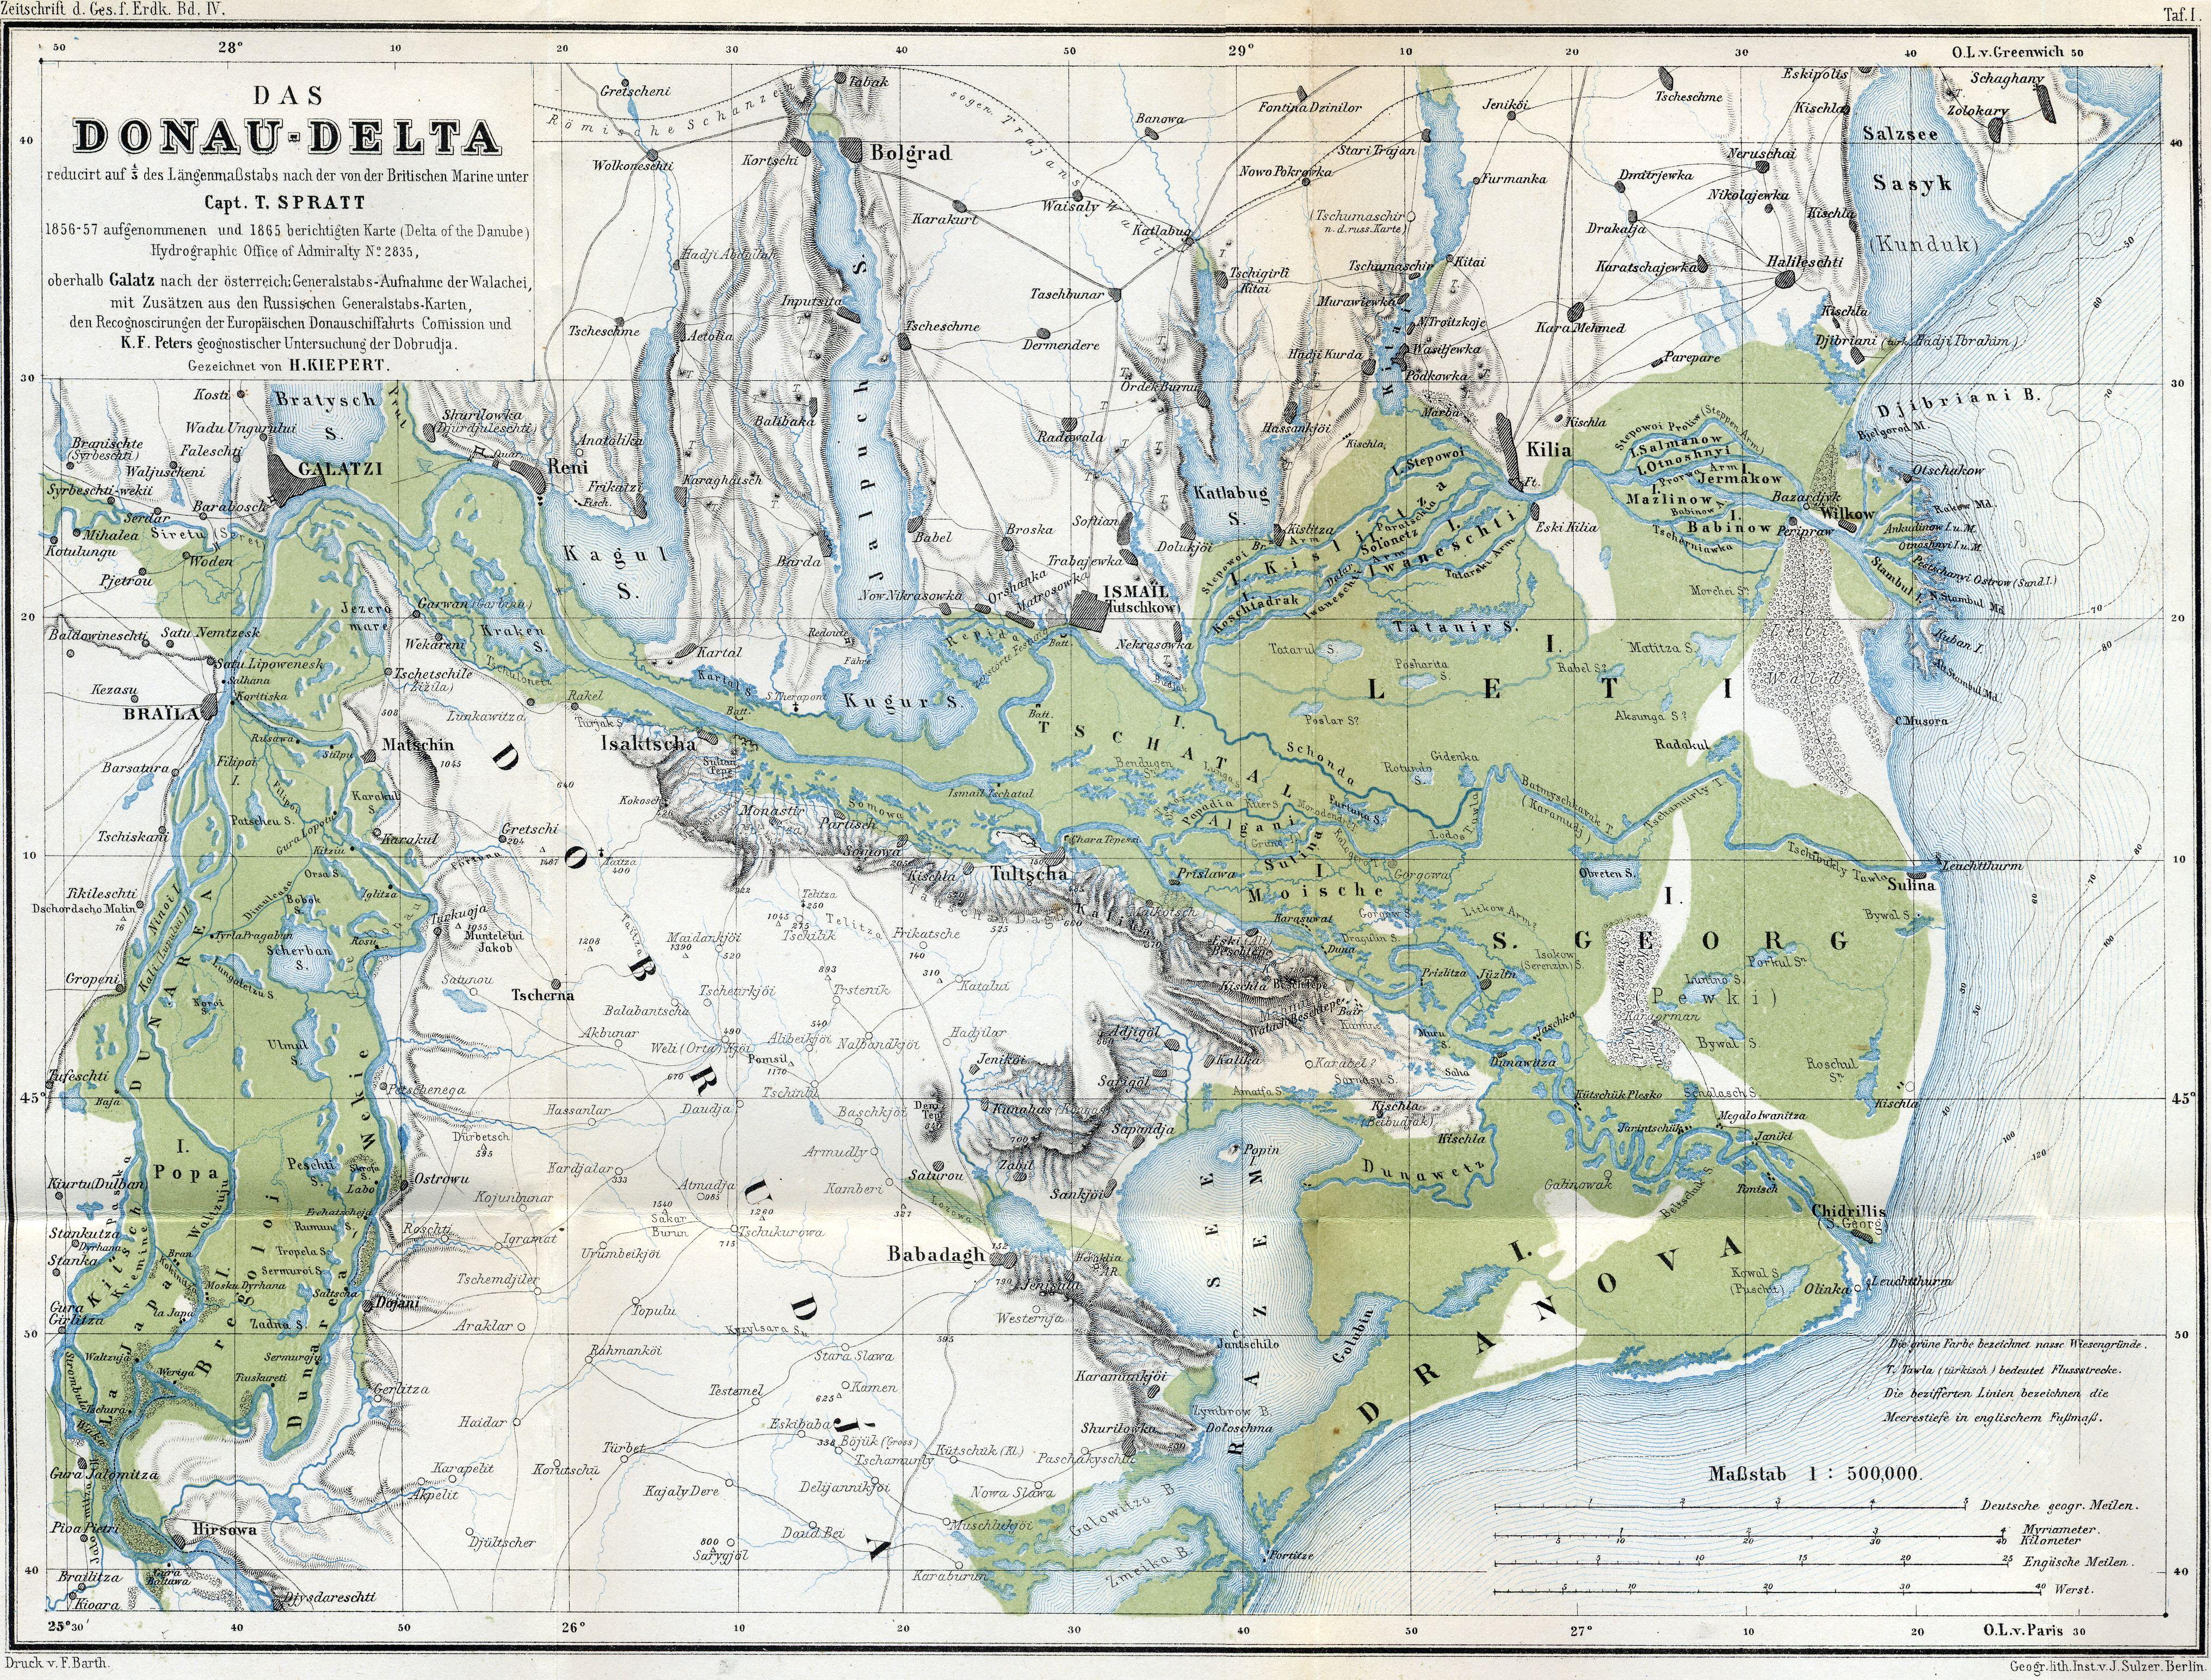 Discover Danube Delta, Tulcea: Hours, Address, Discover Danube Delta Reviews: 5/5